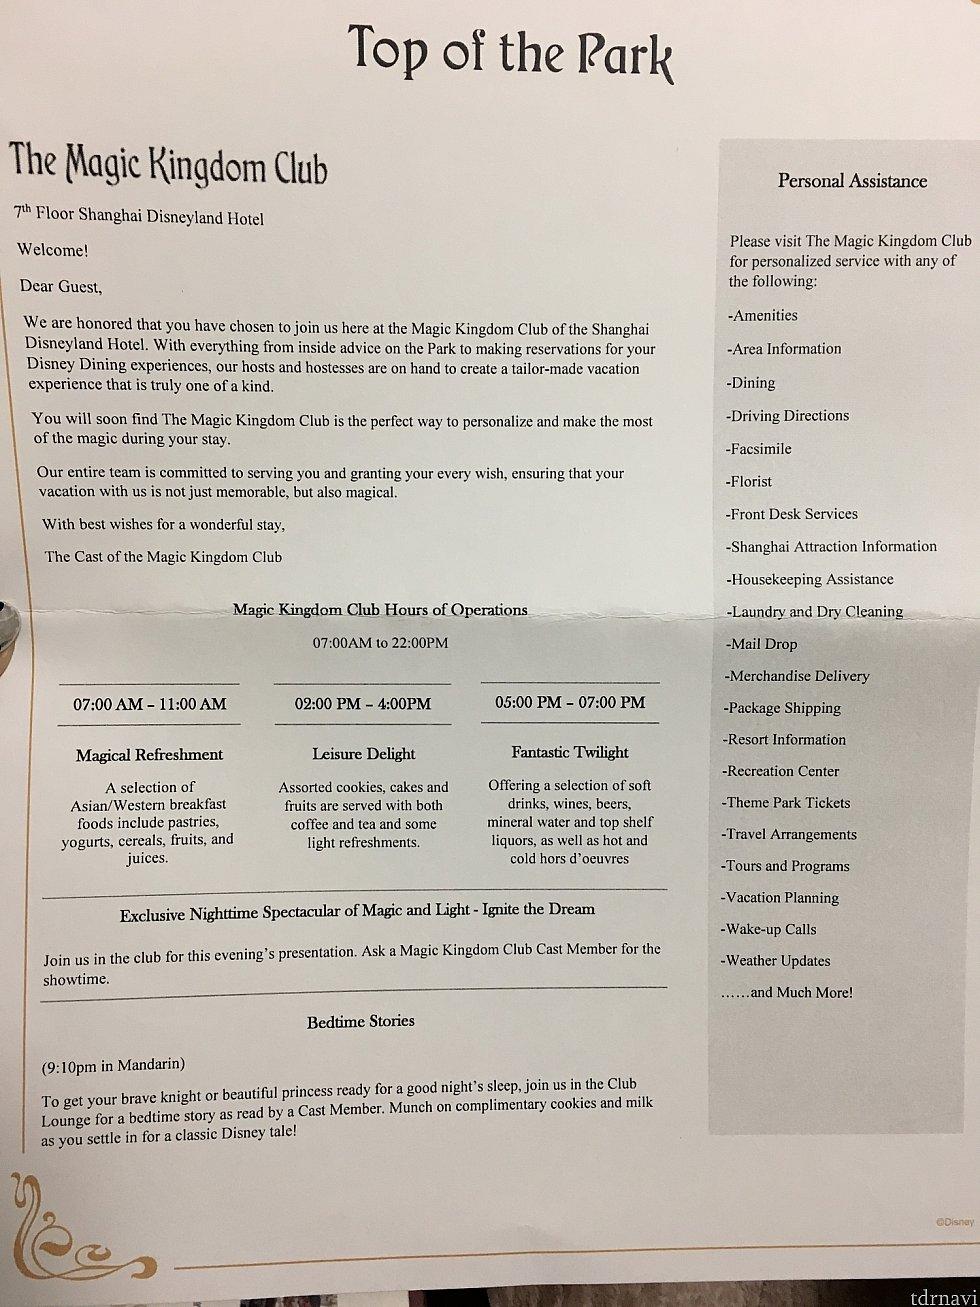 キングダムクラブの案内の紙。ラウンジでの食事の時間、ベッドタイムストーリーの時間が書いてあります。